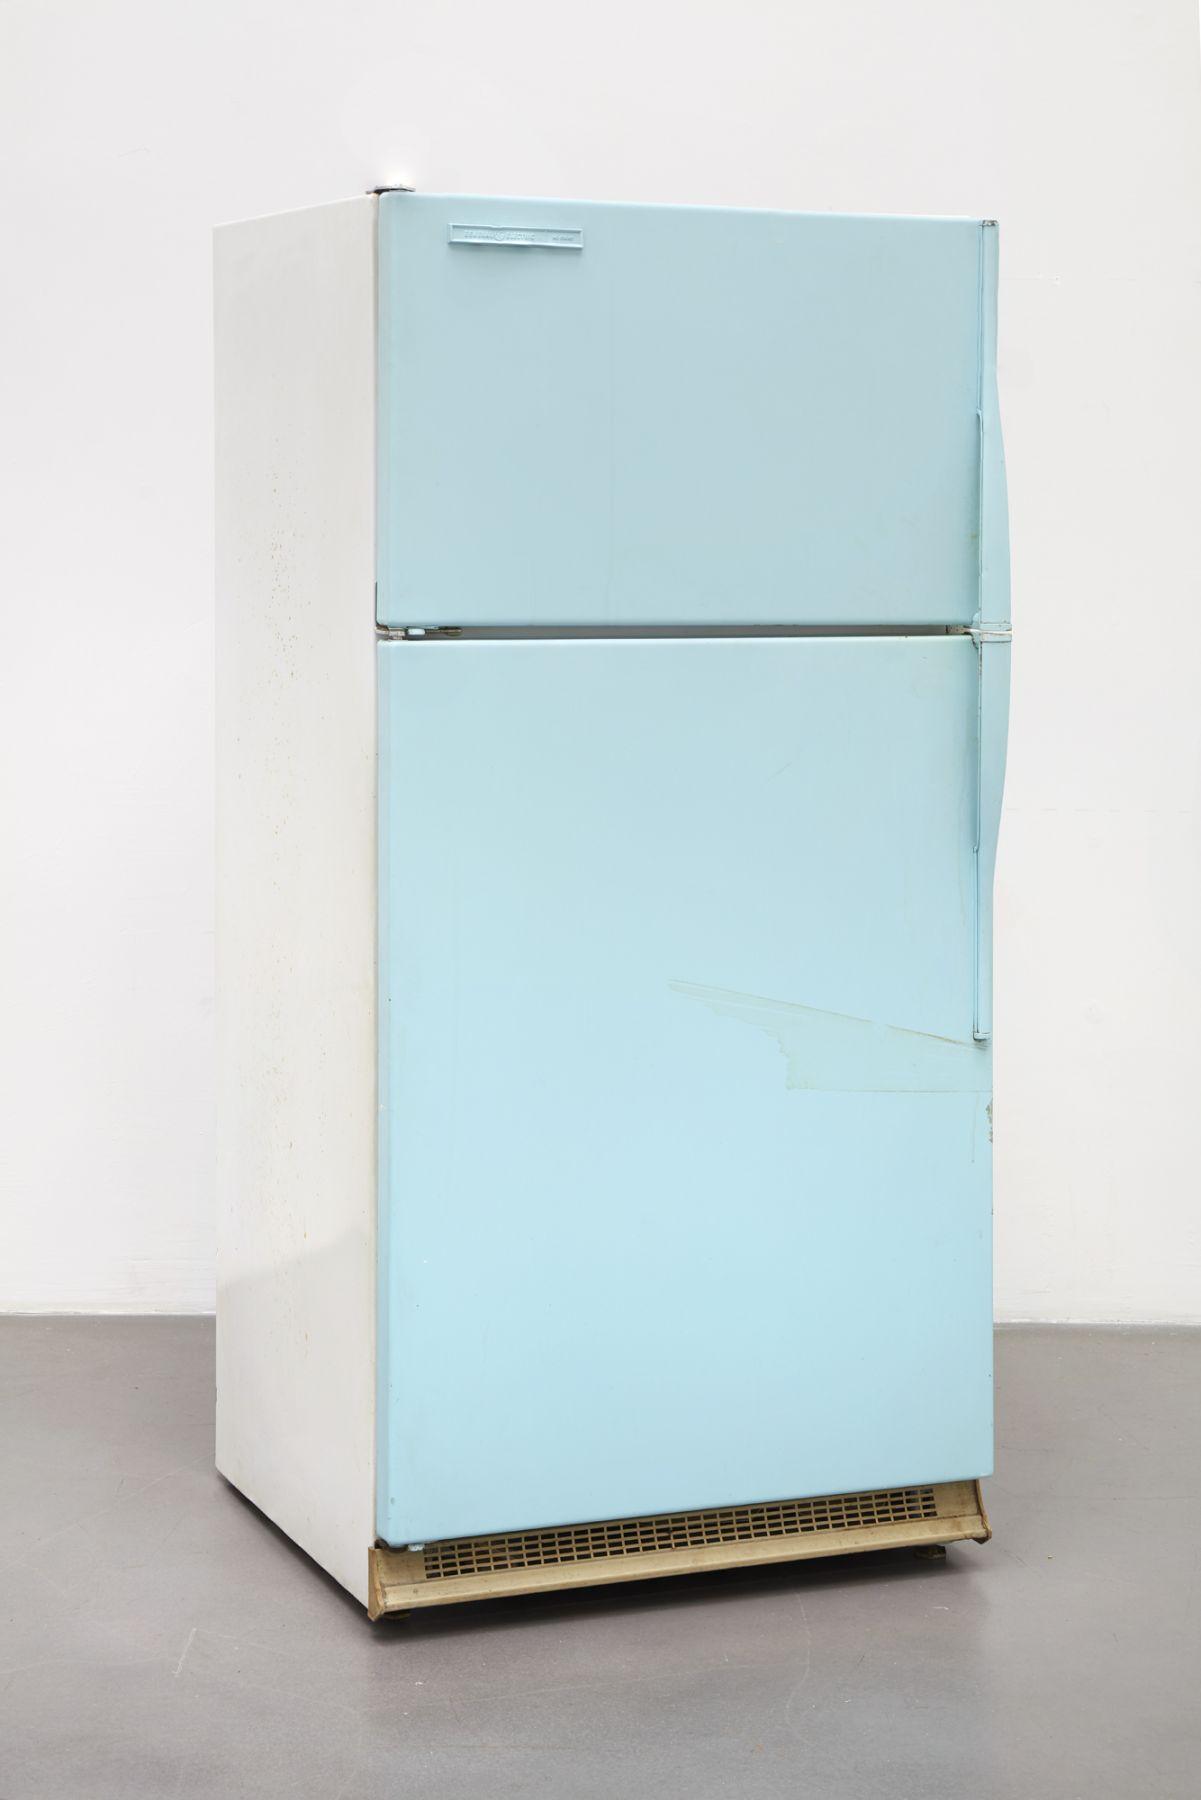 Jorge Pardo, Refrigerator